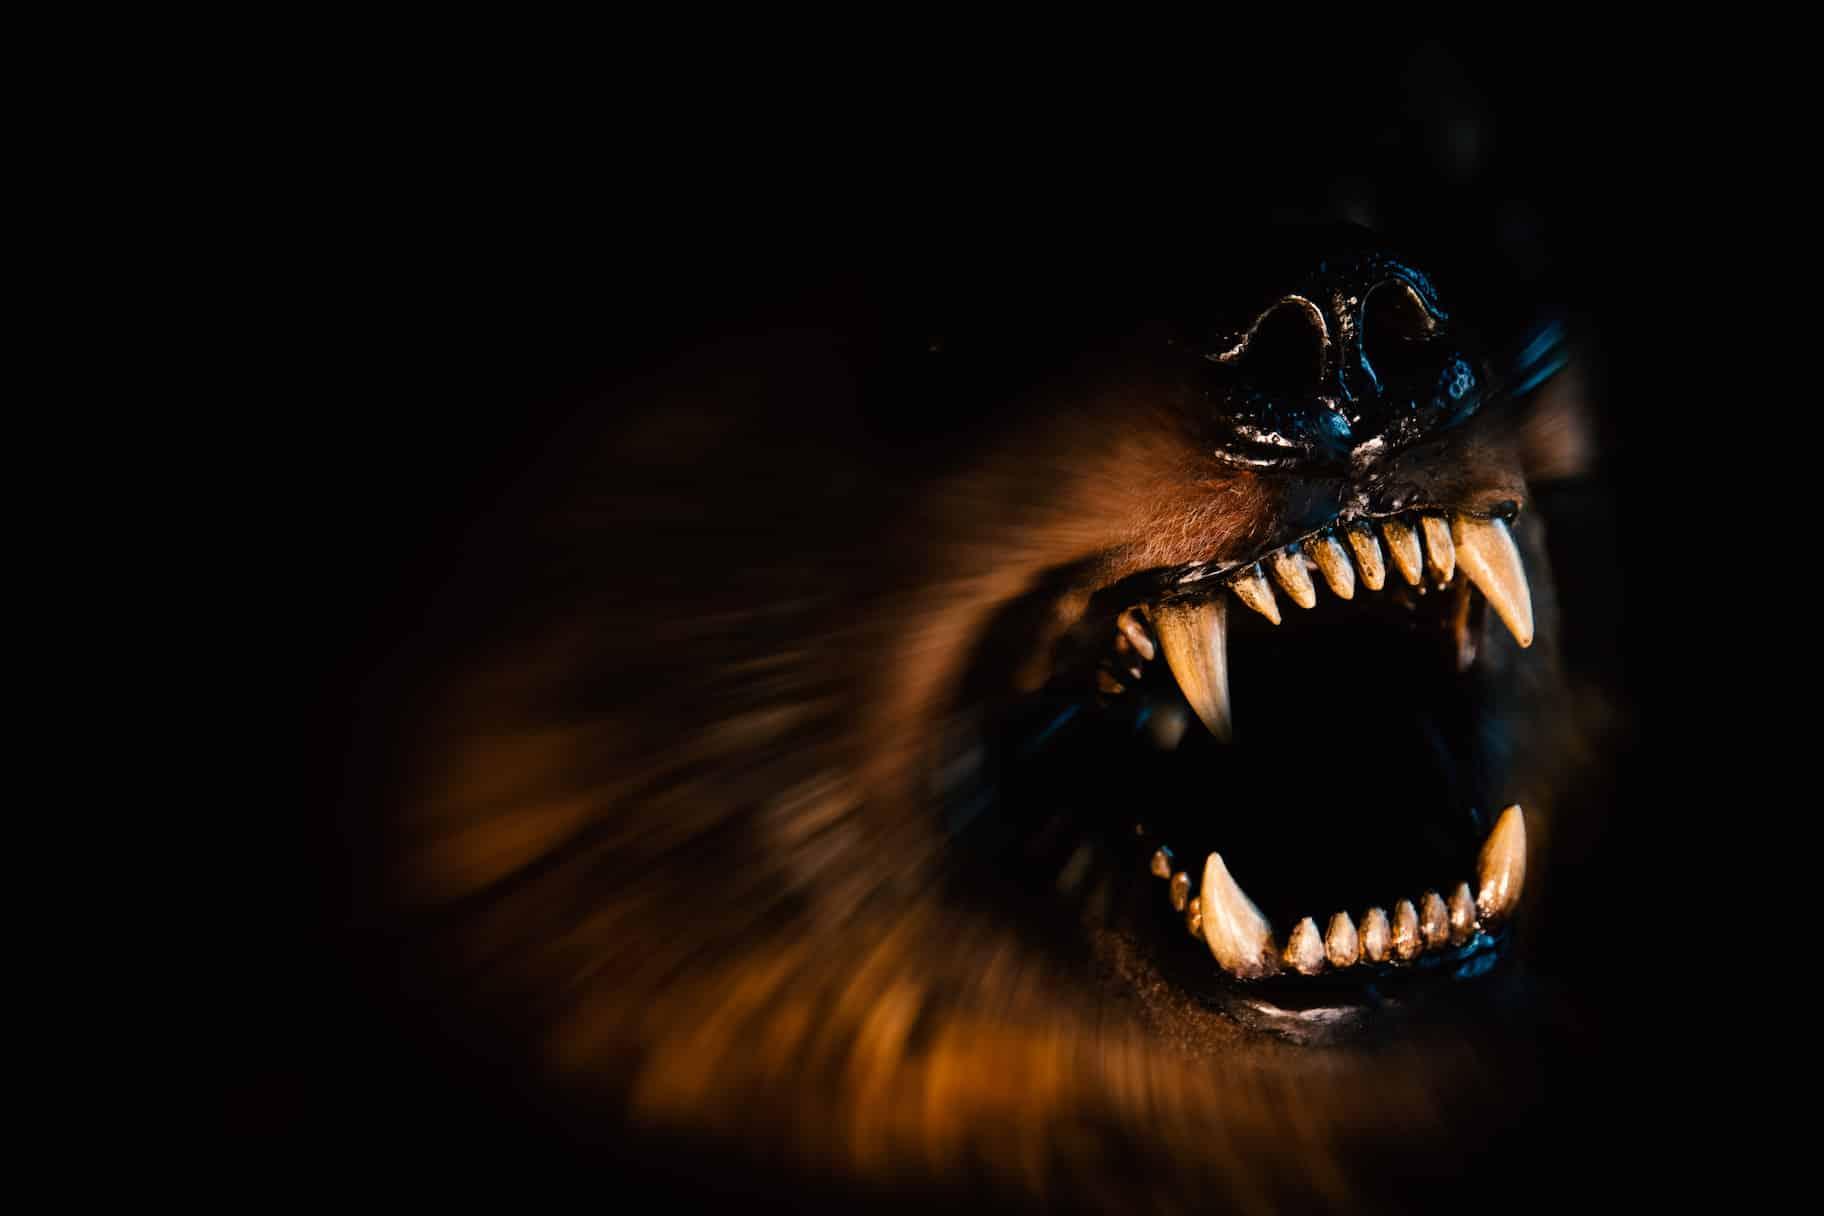 animal baring teeth